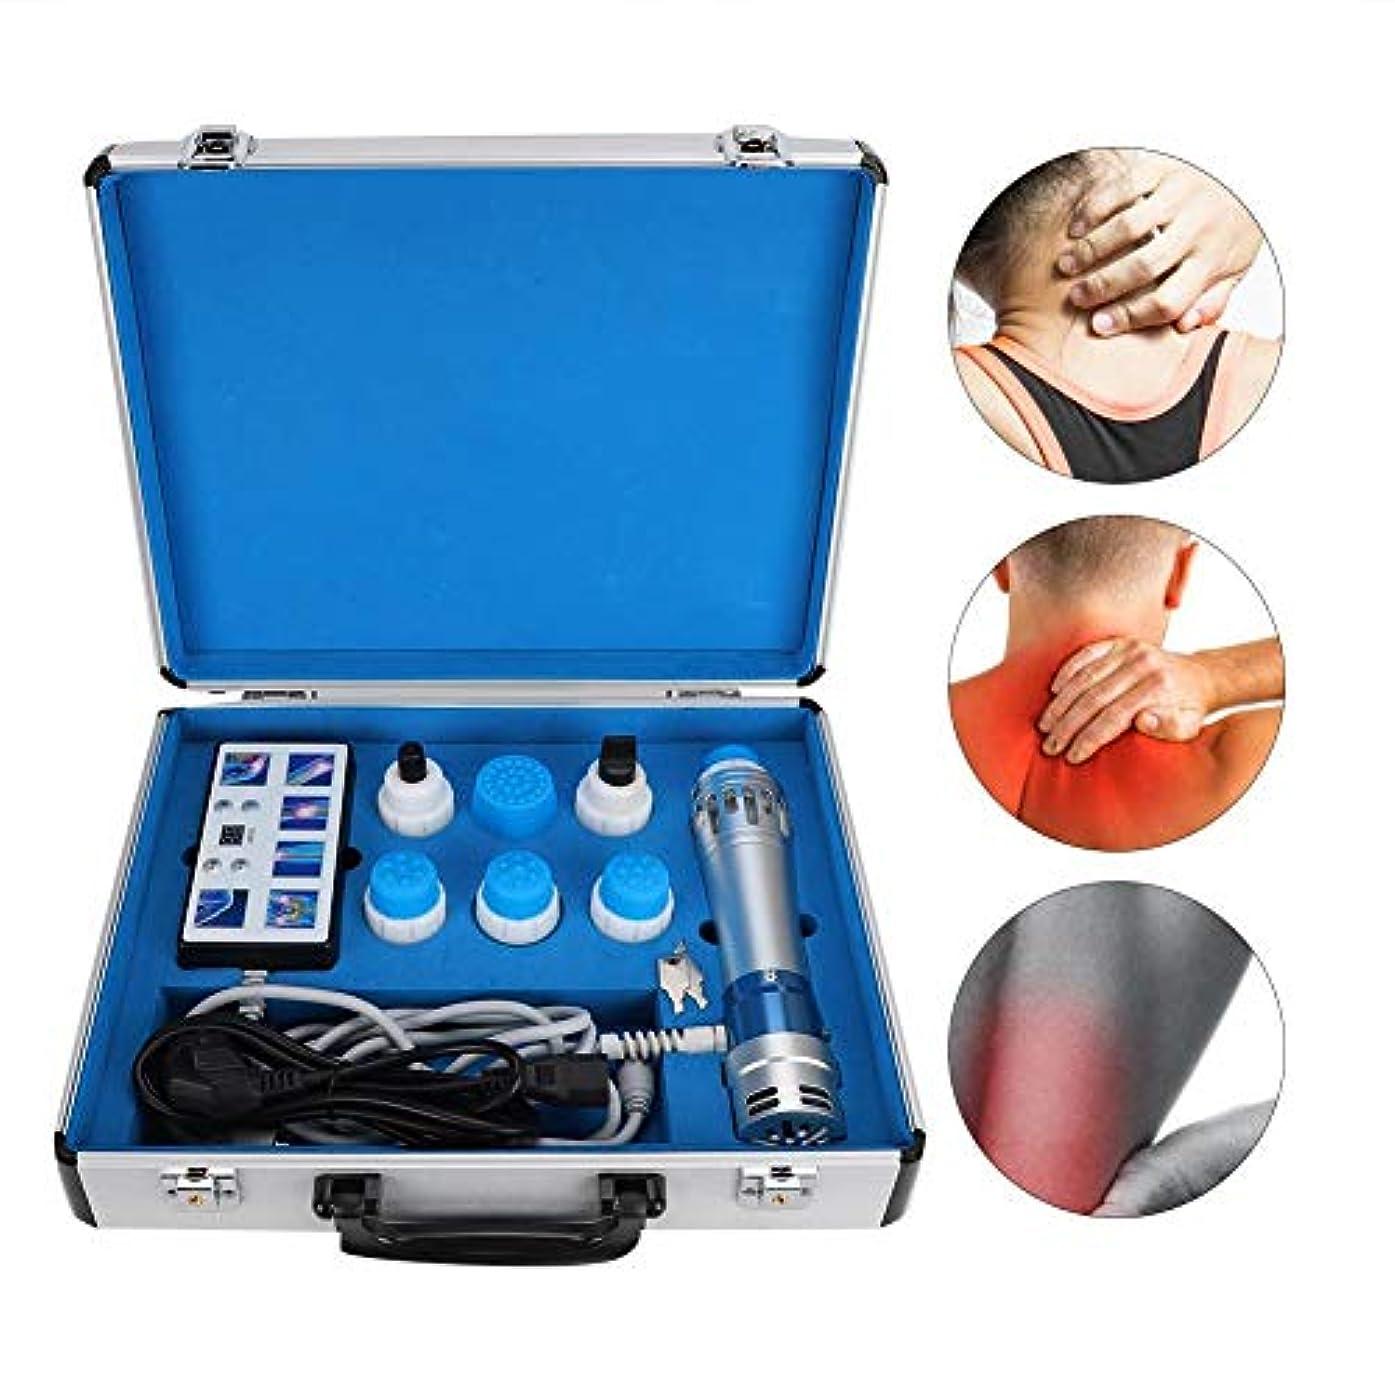 集計見つける道に迷いましたED体外衝撃波治療器、多機能疼痛緩和マッサージ器(USプラグ110V)